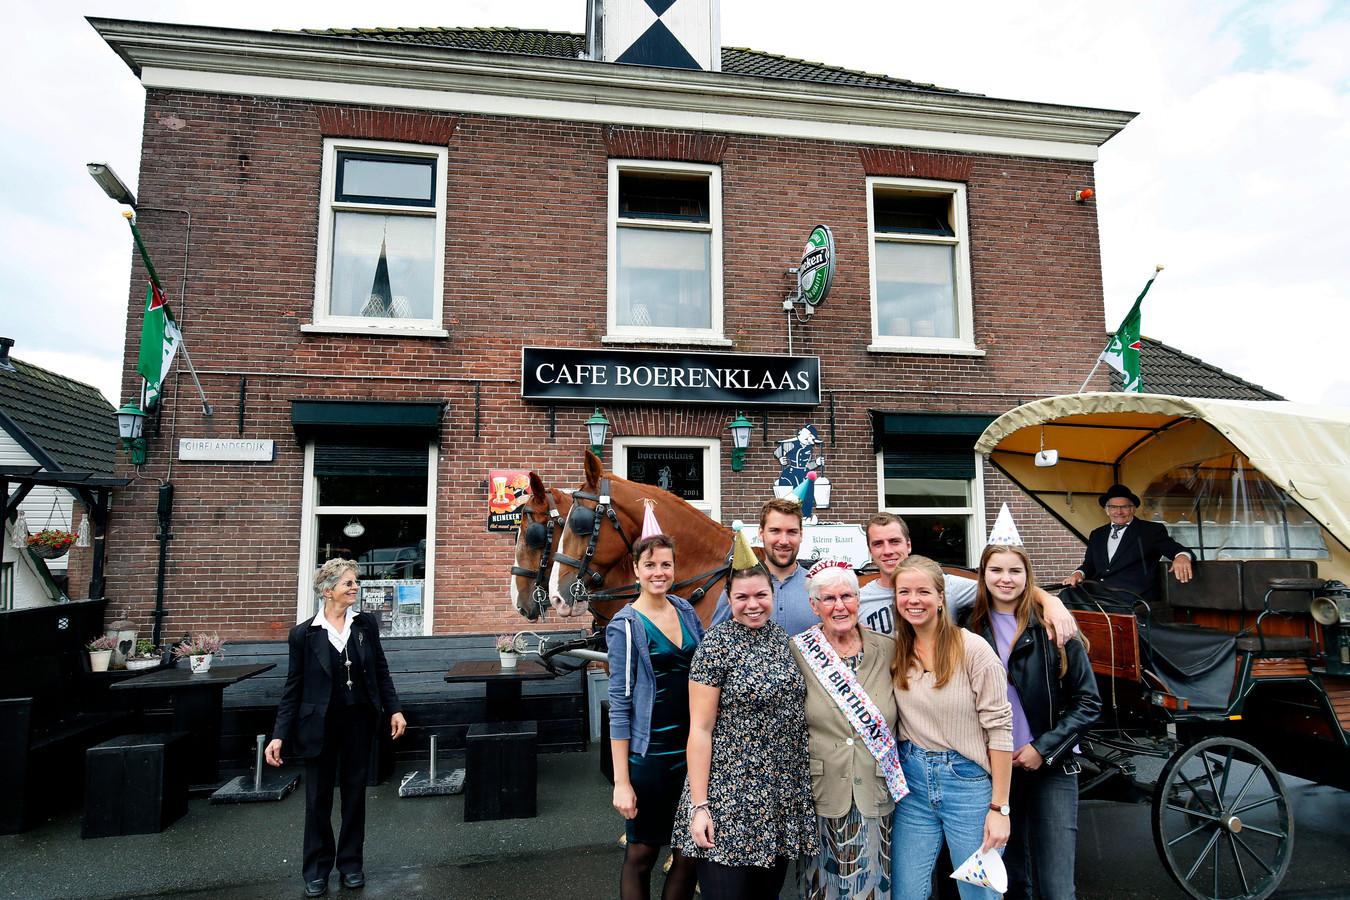 In café Boerenklaas in Brandwijk zijn in de loop van de tijd veel verjaardagsfeestjes gevierd, zoals van deze familie in de zomer van 2019.